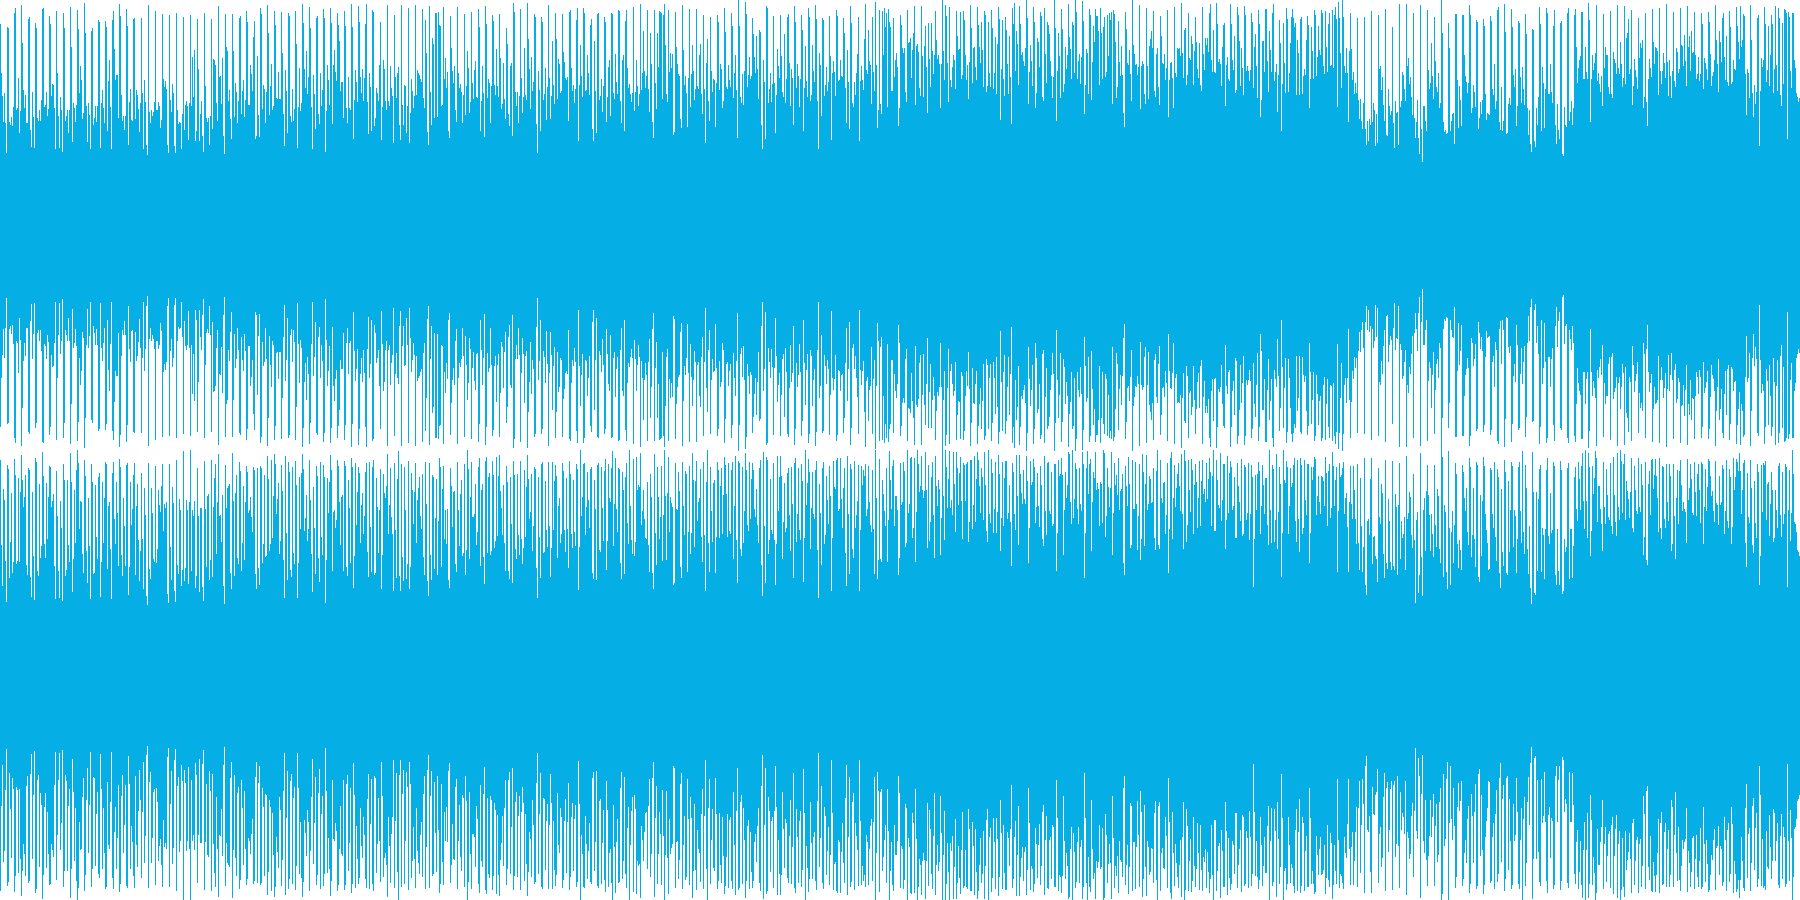 ファッション性のあるハウスミュージックの再生済みの波形